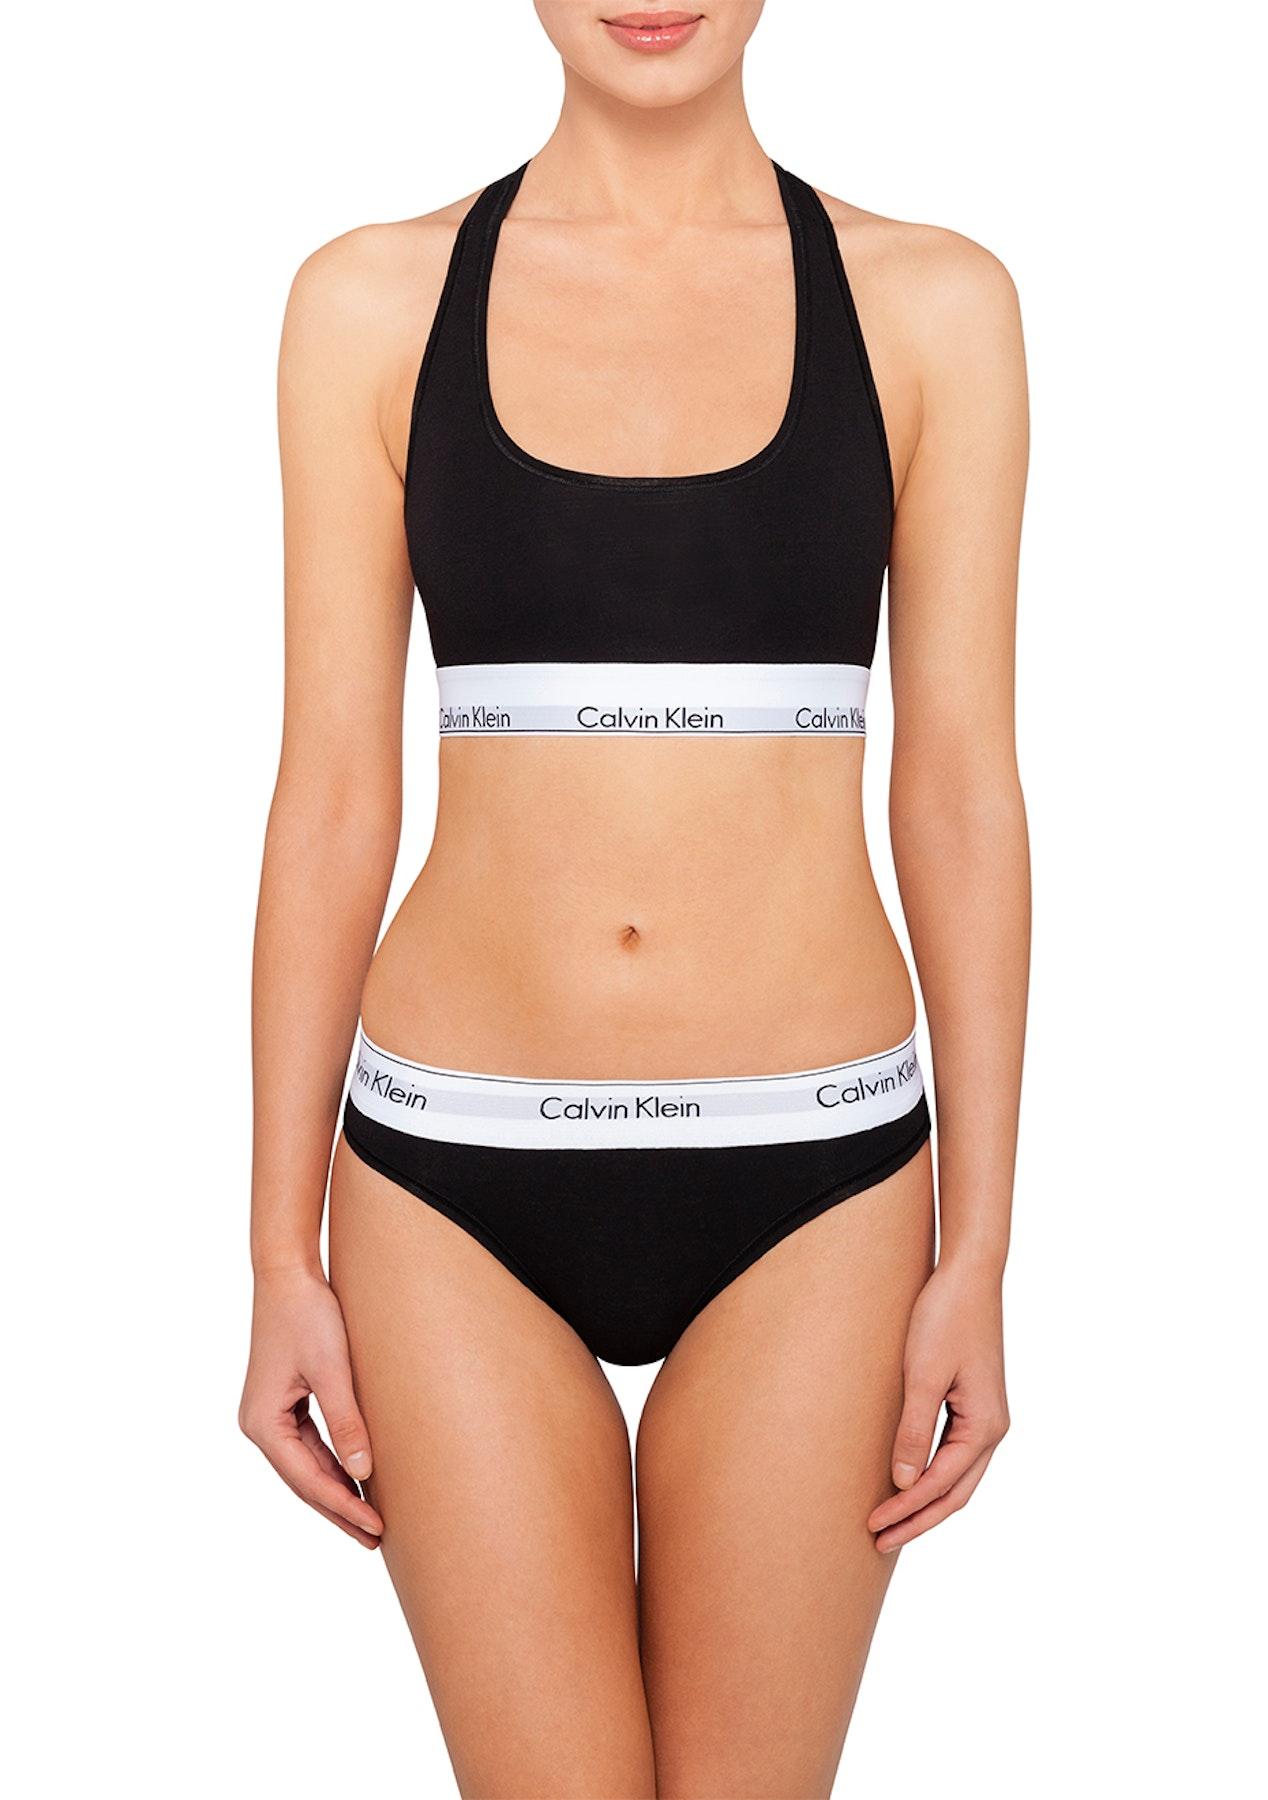 a890deb9a72 Calvin Klein - Modern Cotton Bralette - Black - Underwear Garage Sale -  Onceit